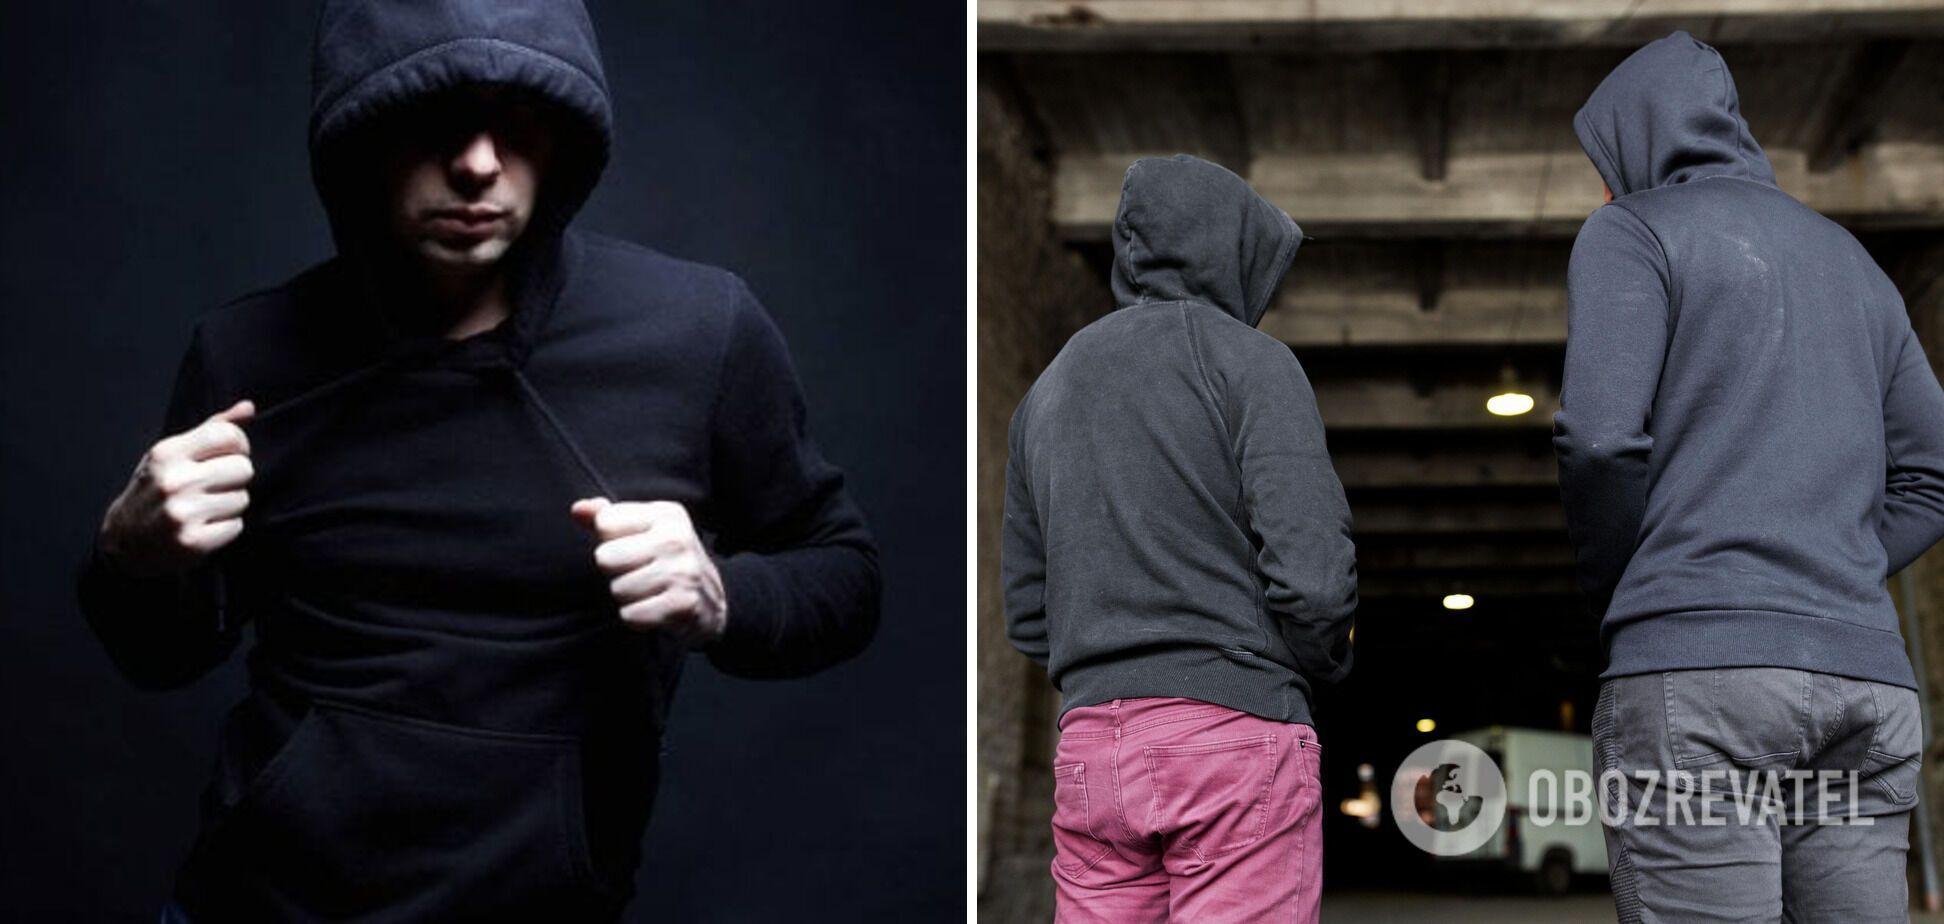 Одеть капюшон: о чем сигнализирует эта подростковая привычка